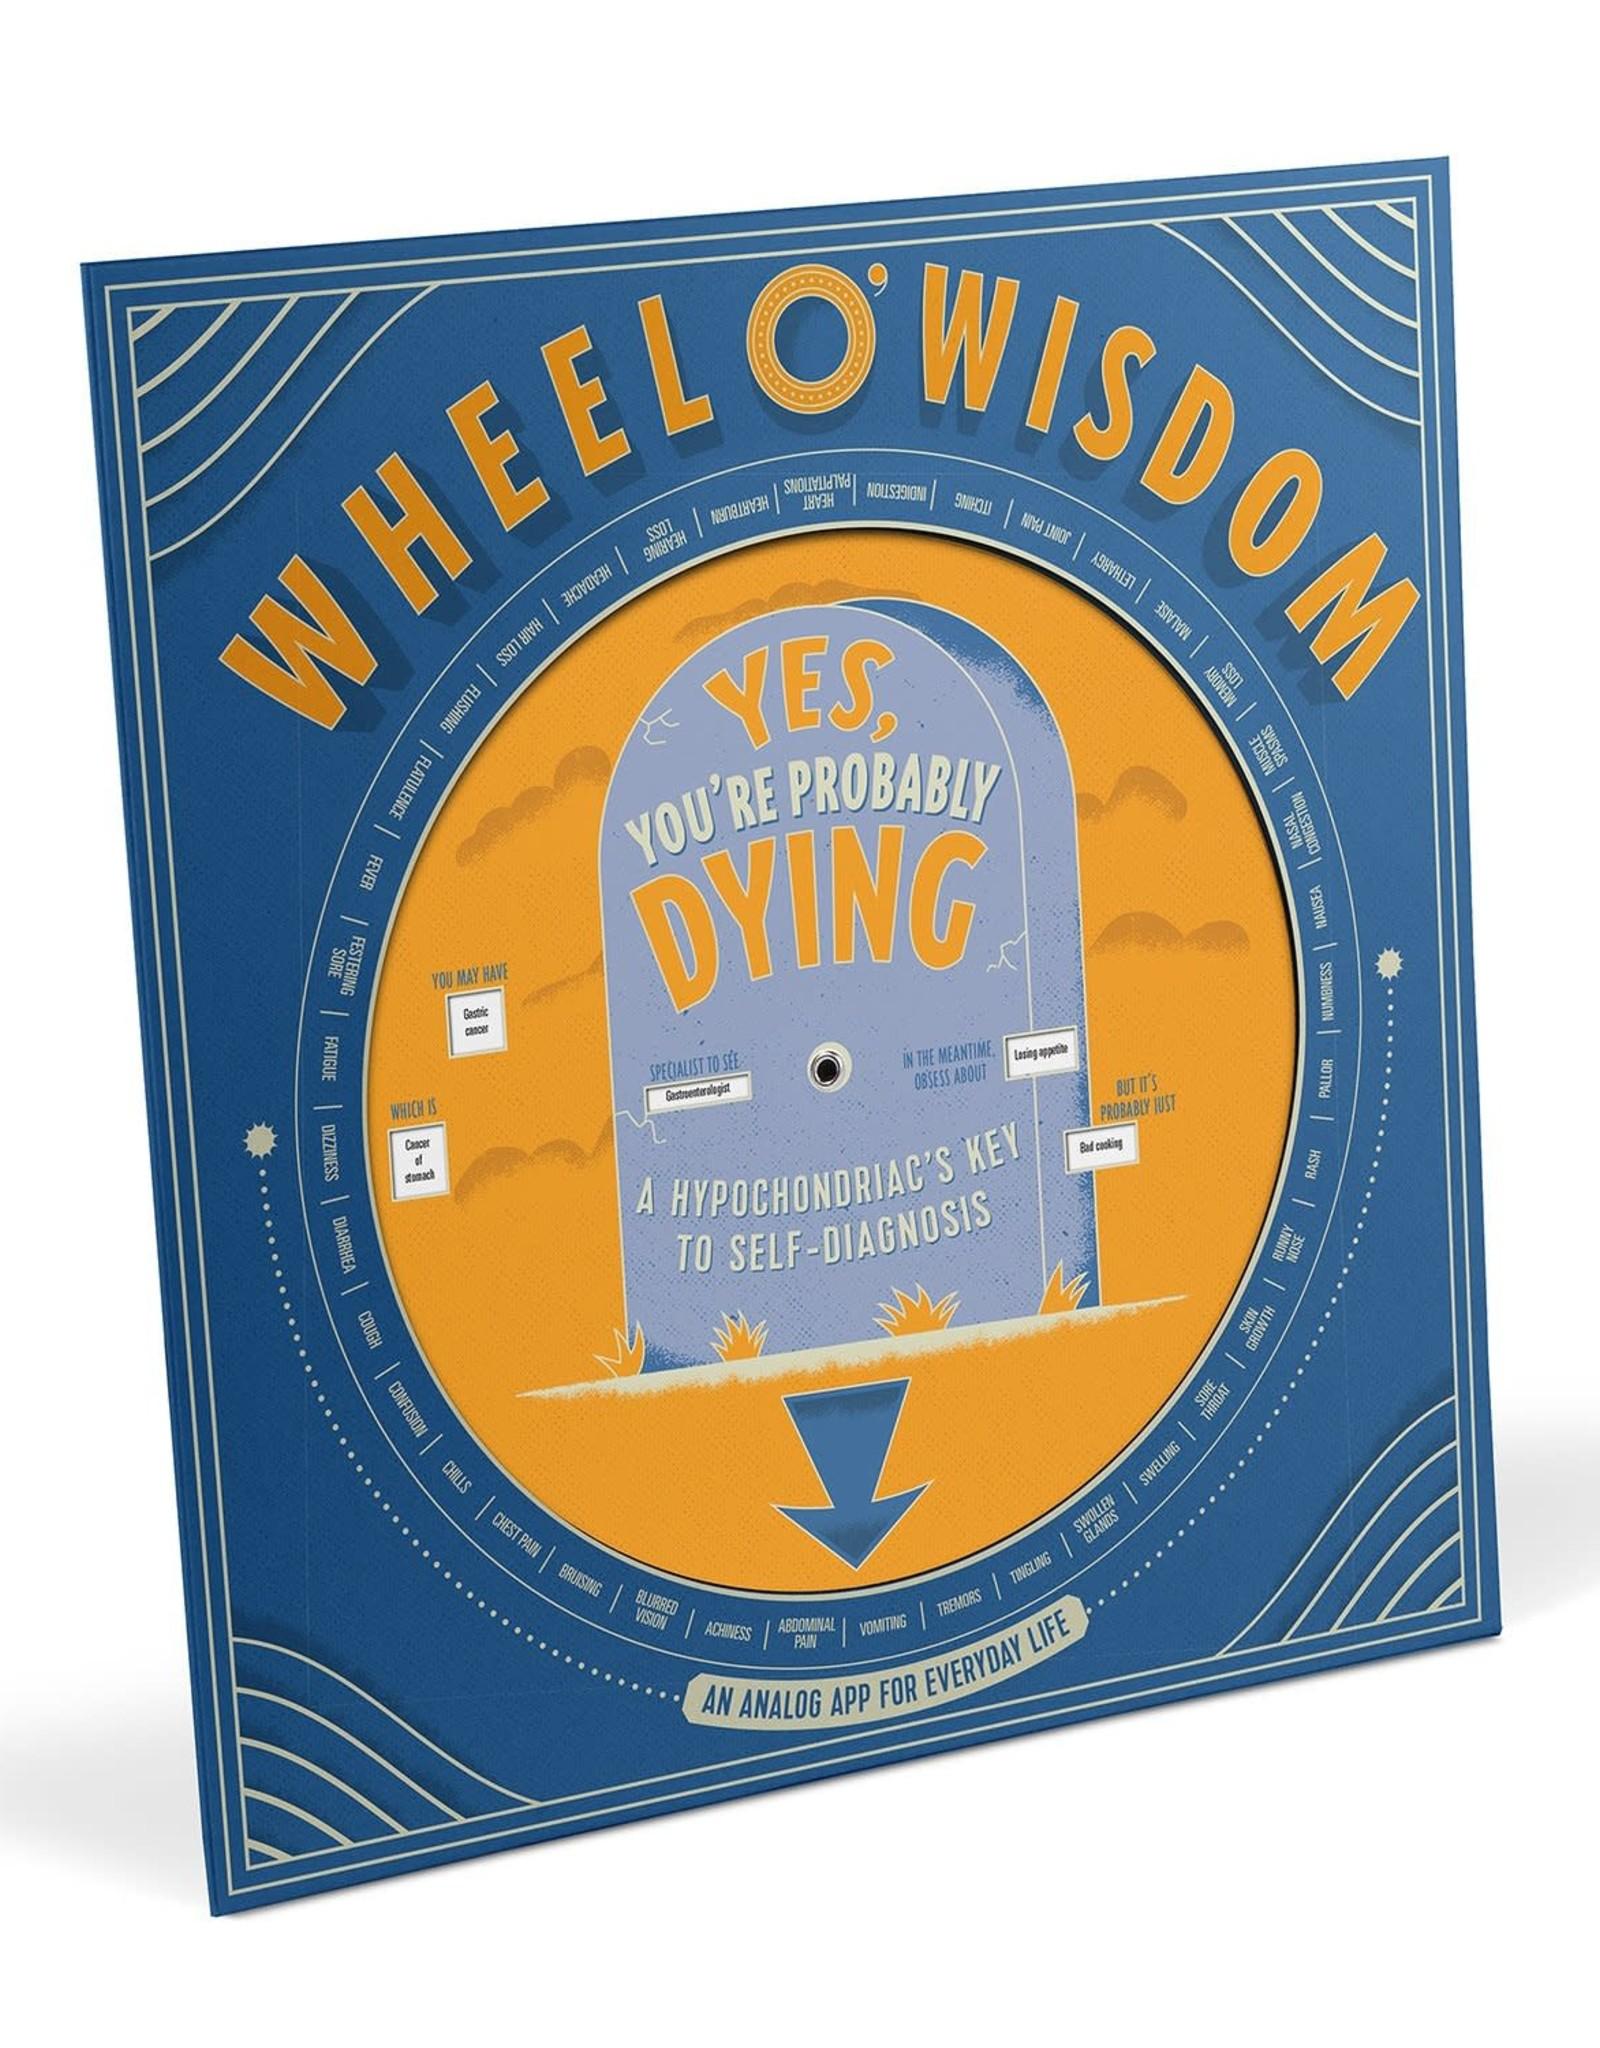 KnockKnock Wheel O' Wisdom